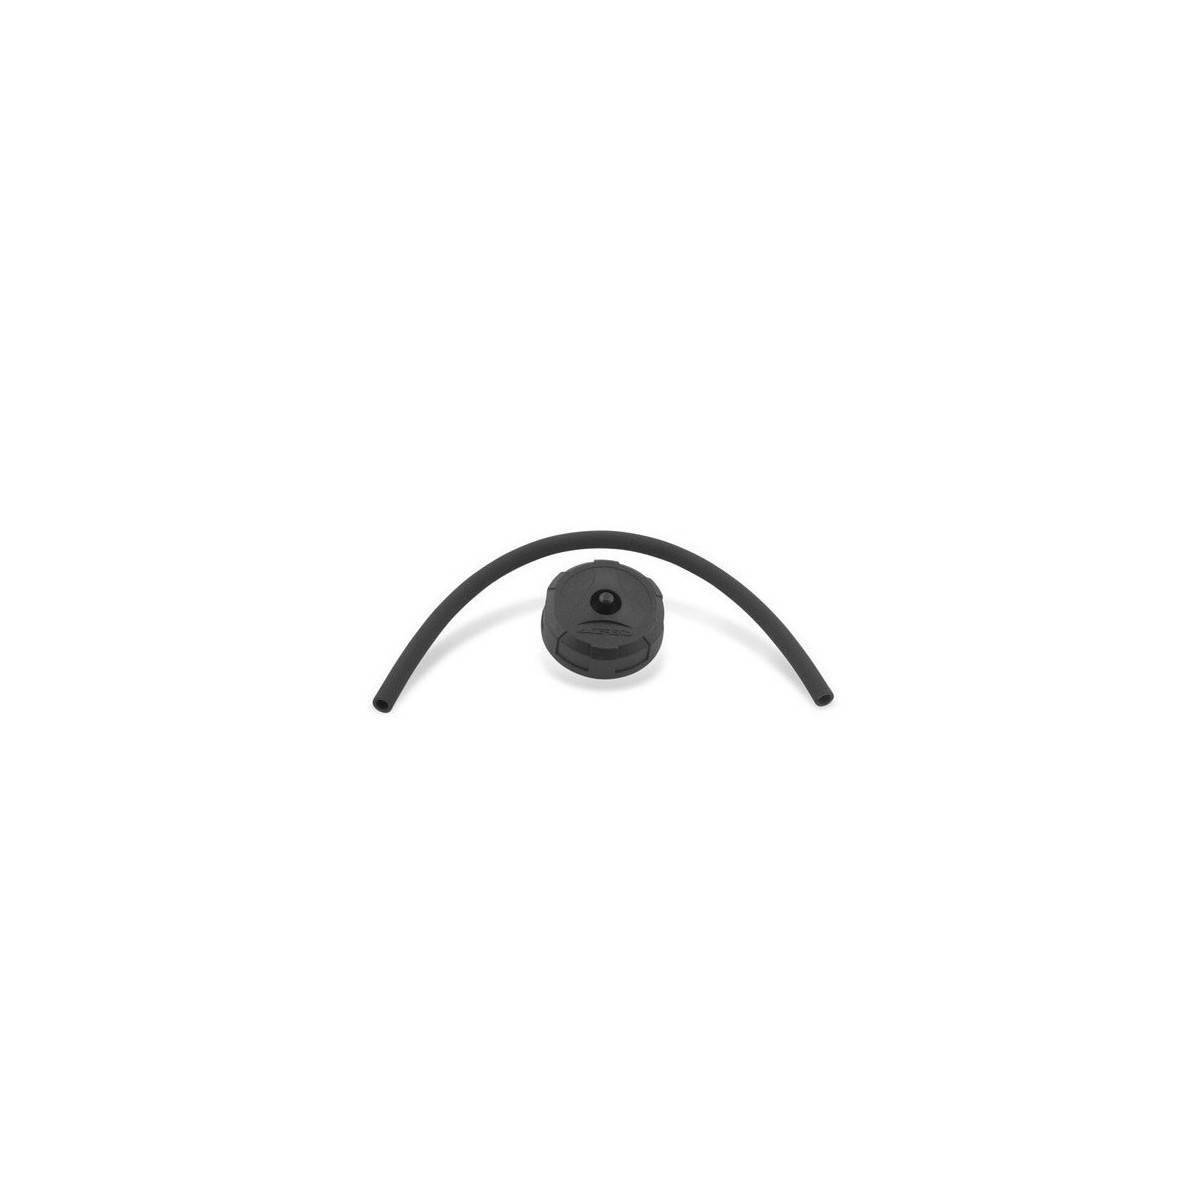 0001201-090 - Tapón Acerbis Tanque Auxiliar Negro